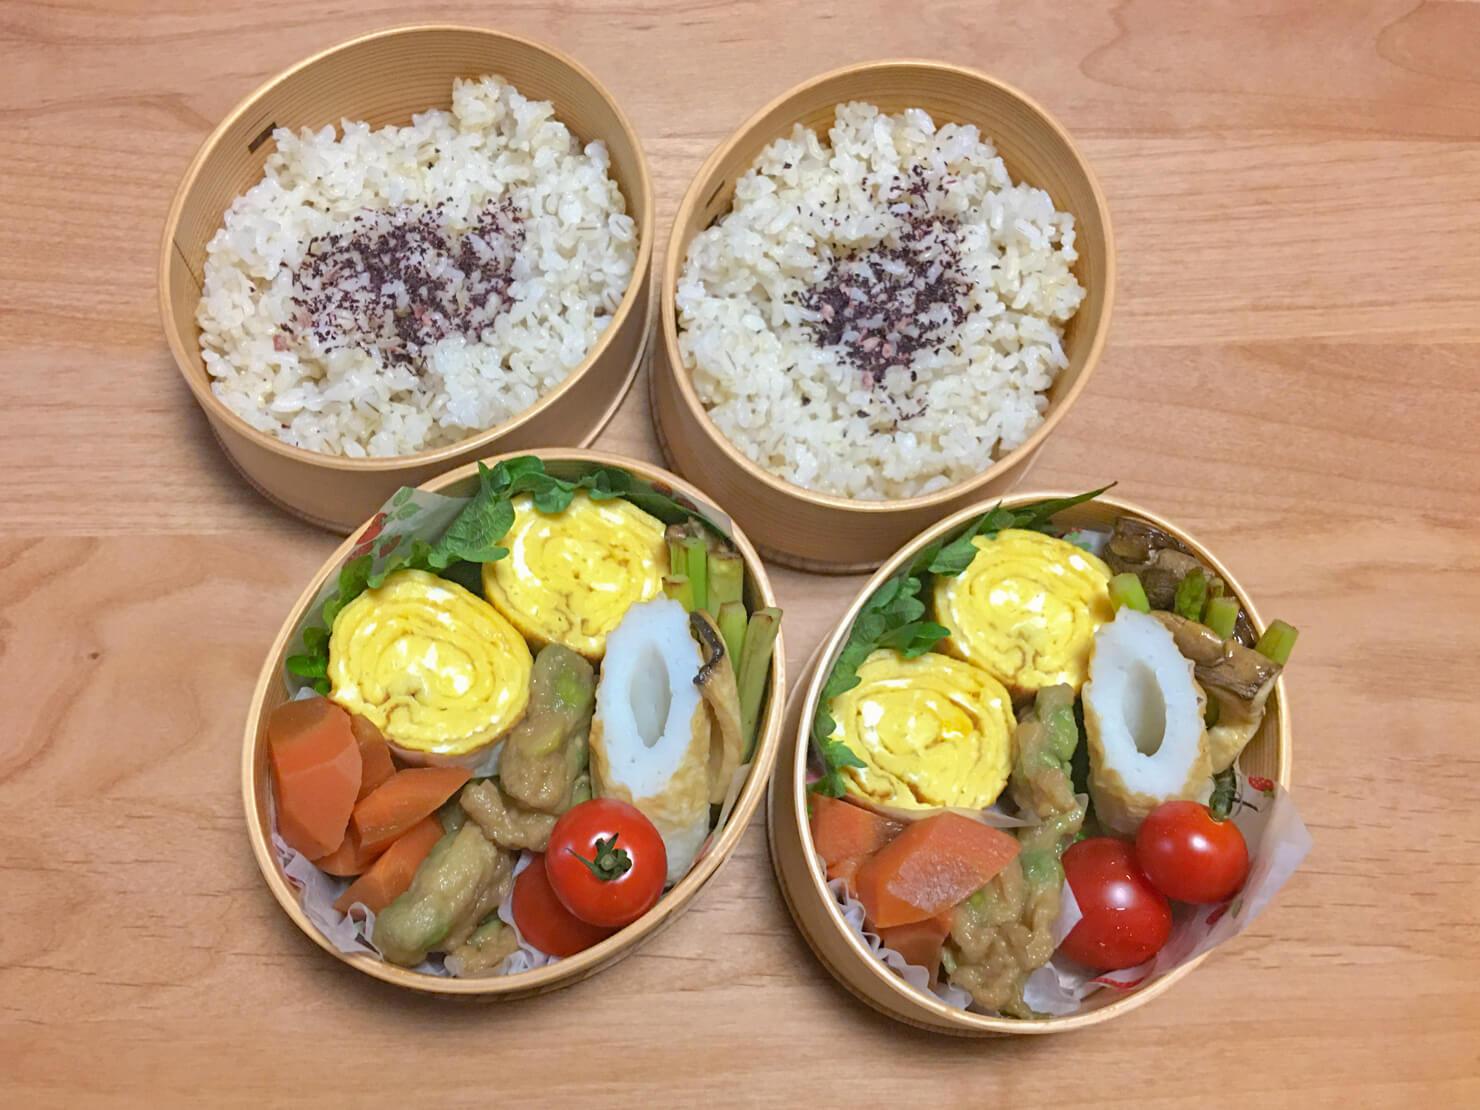 野菜の煮物入りお弁当の写真